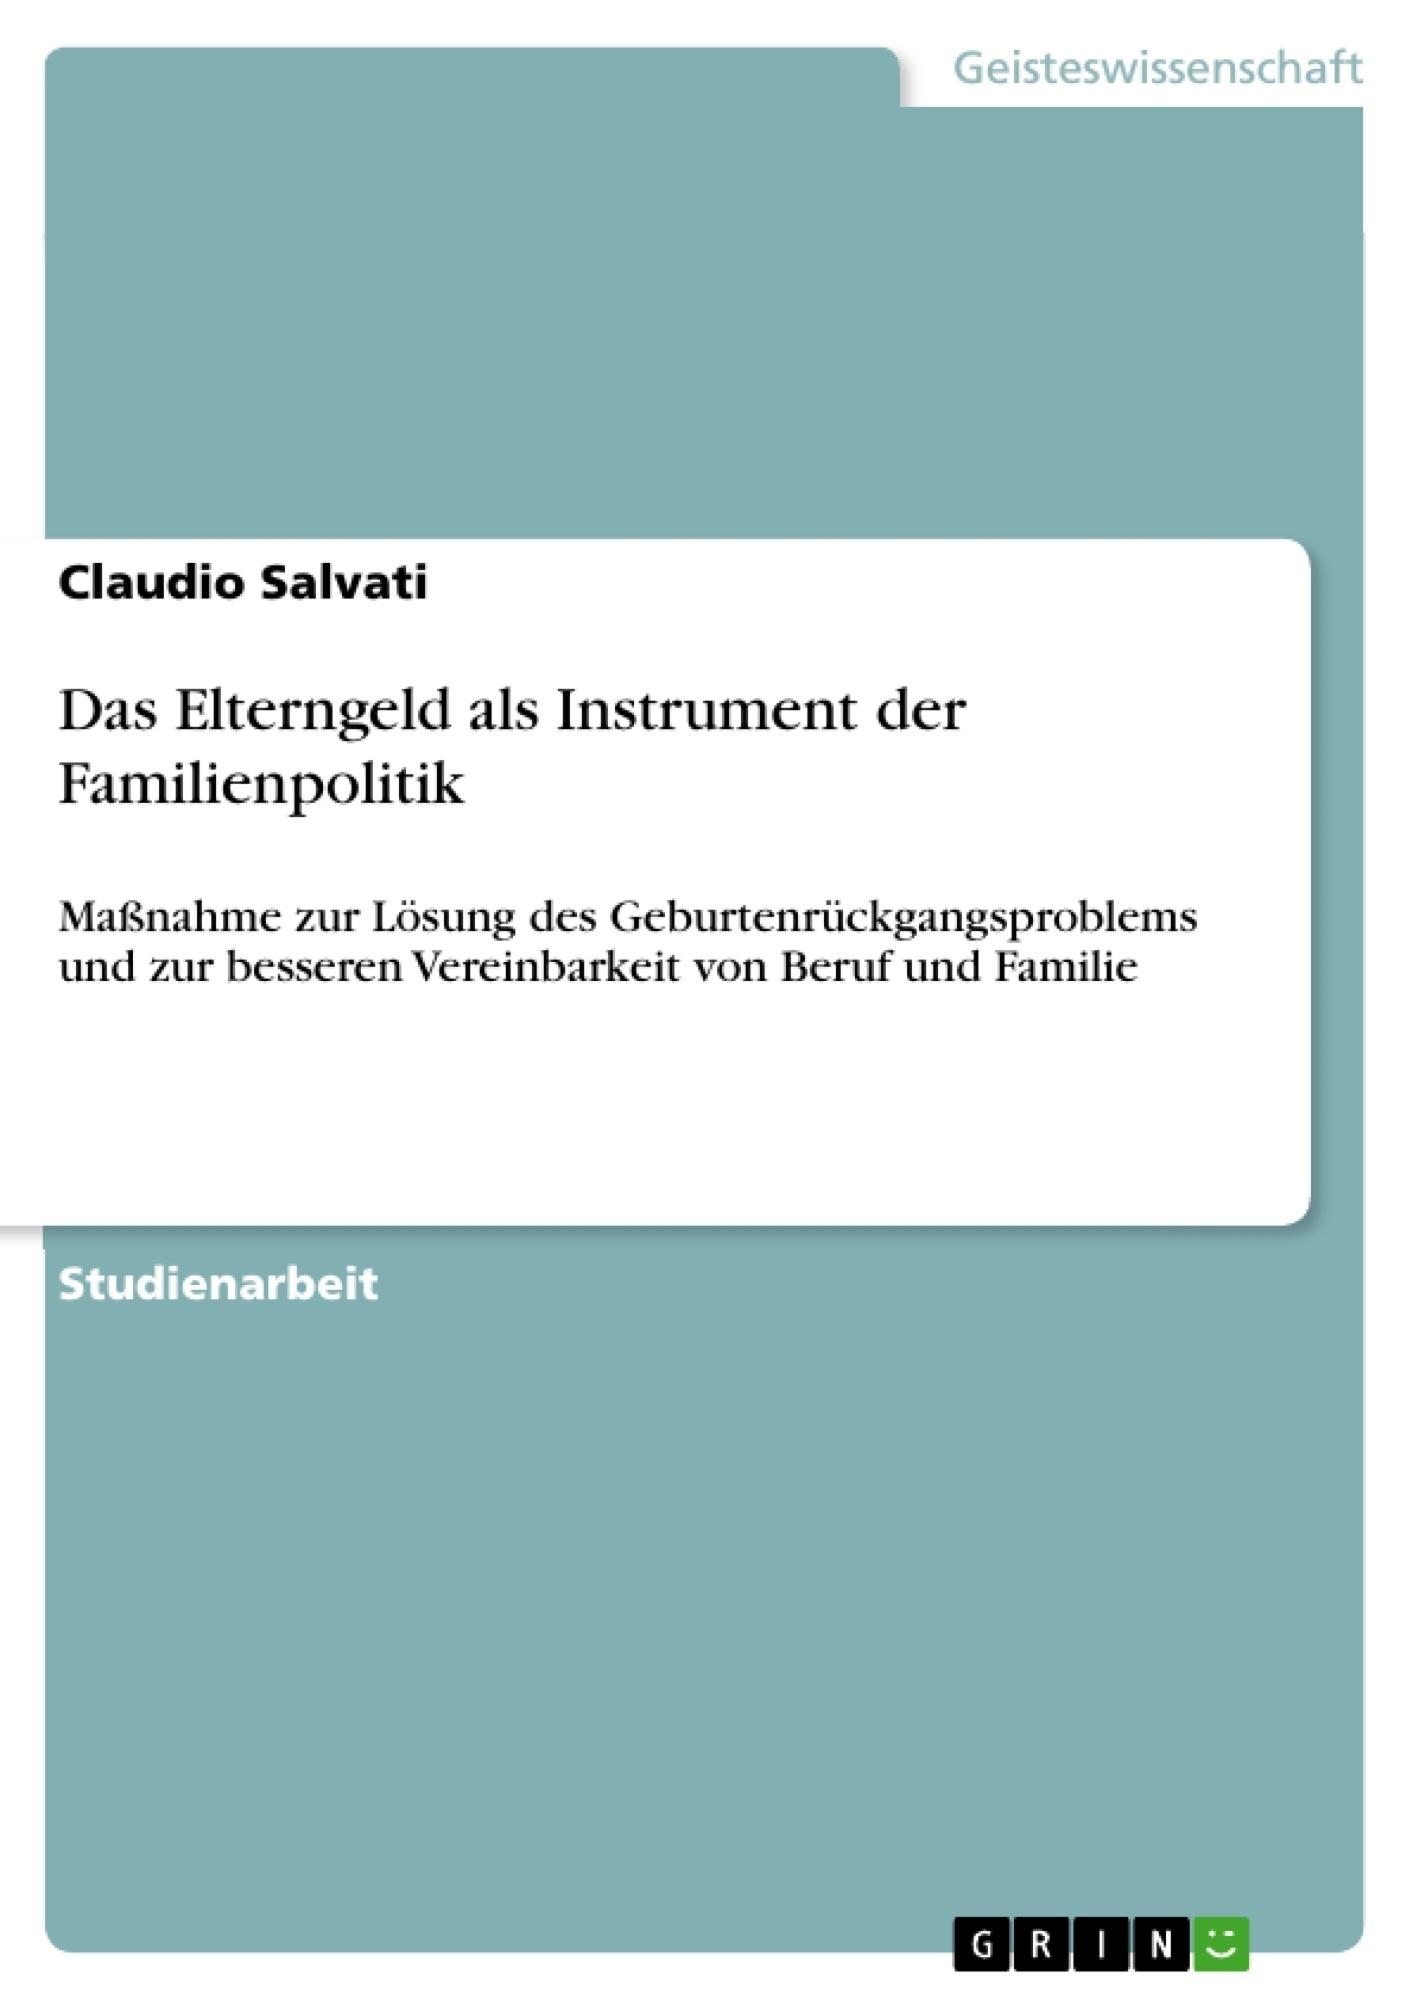 Titel: Das Elterngeld als Instrument der Familienpolitik